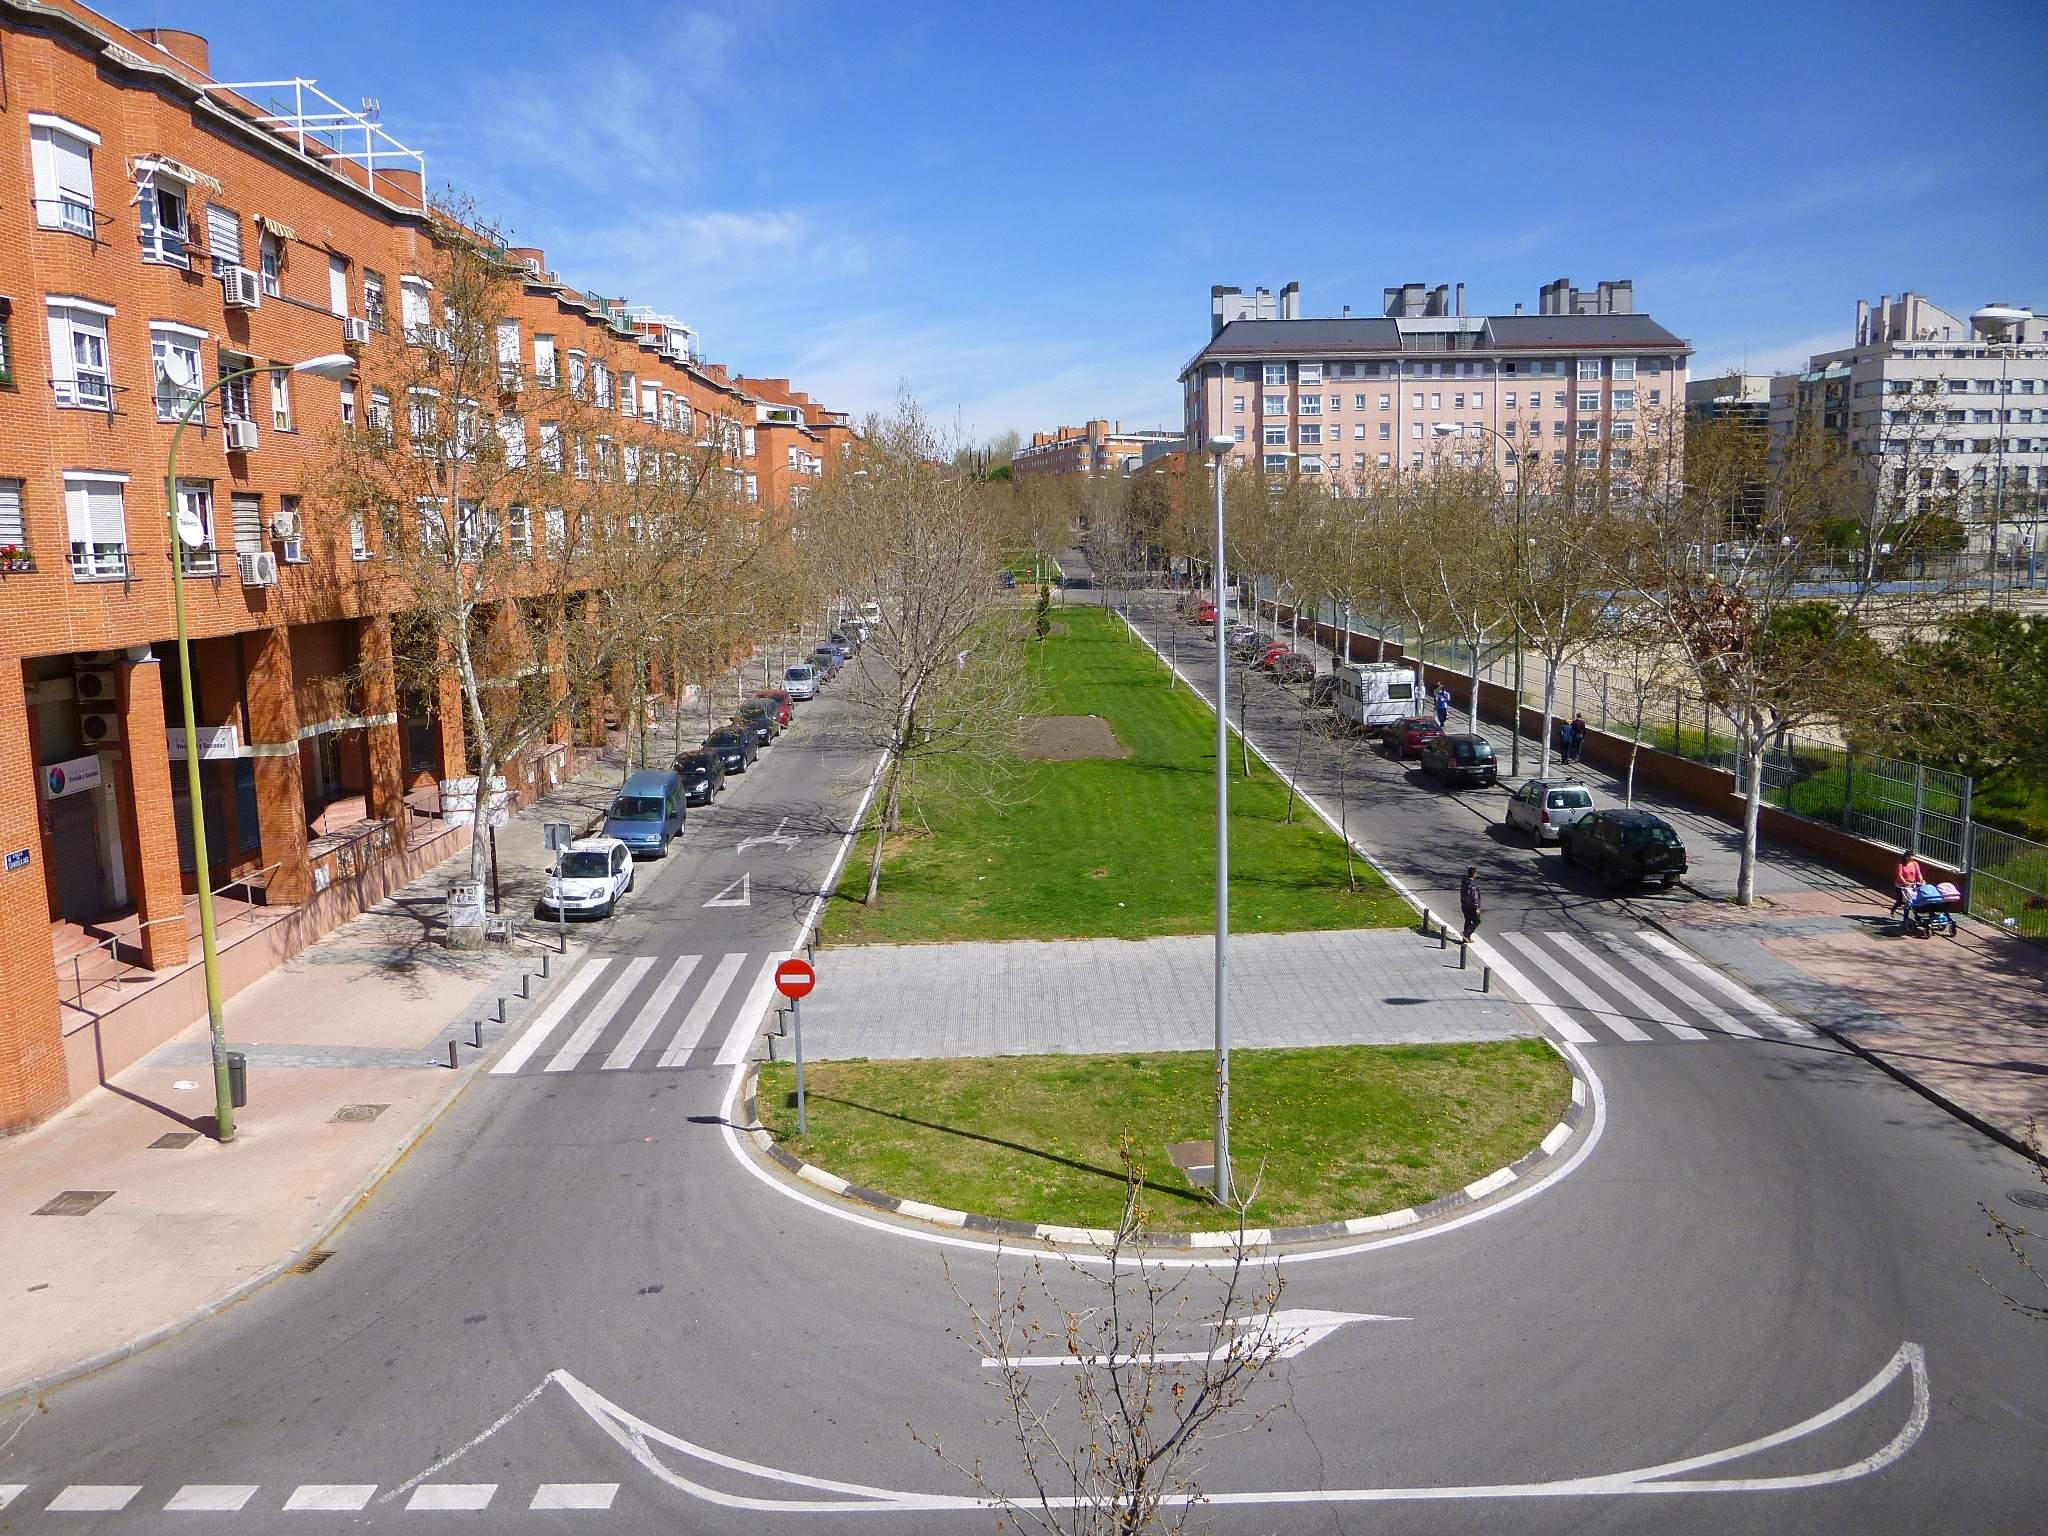 PUENTE DE VALLECAS MADRID